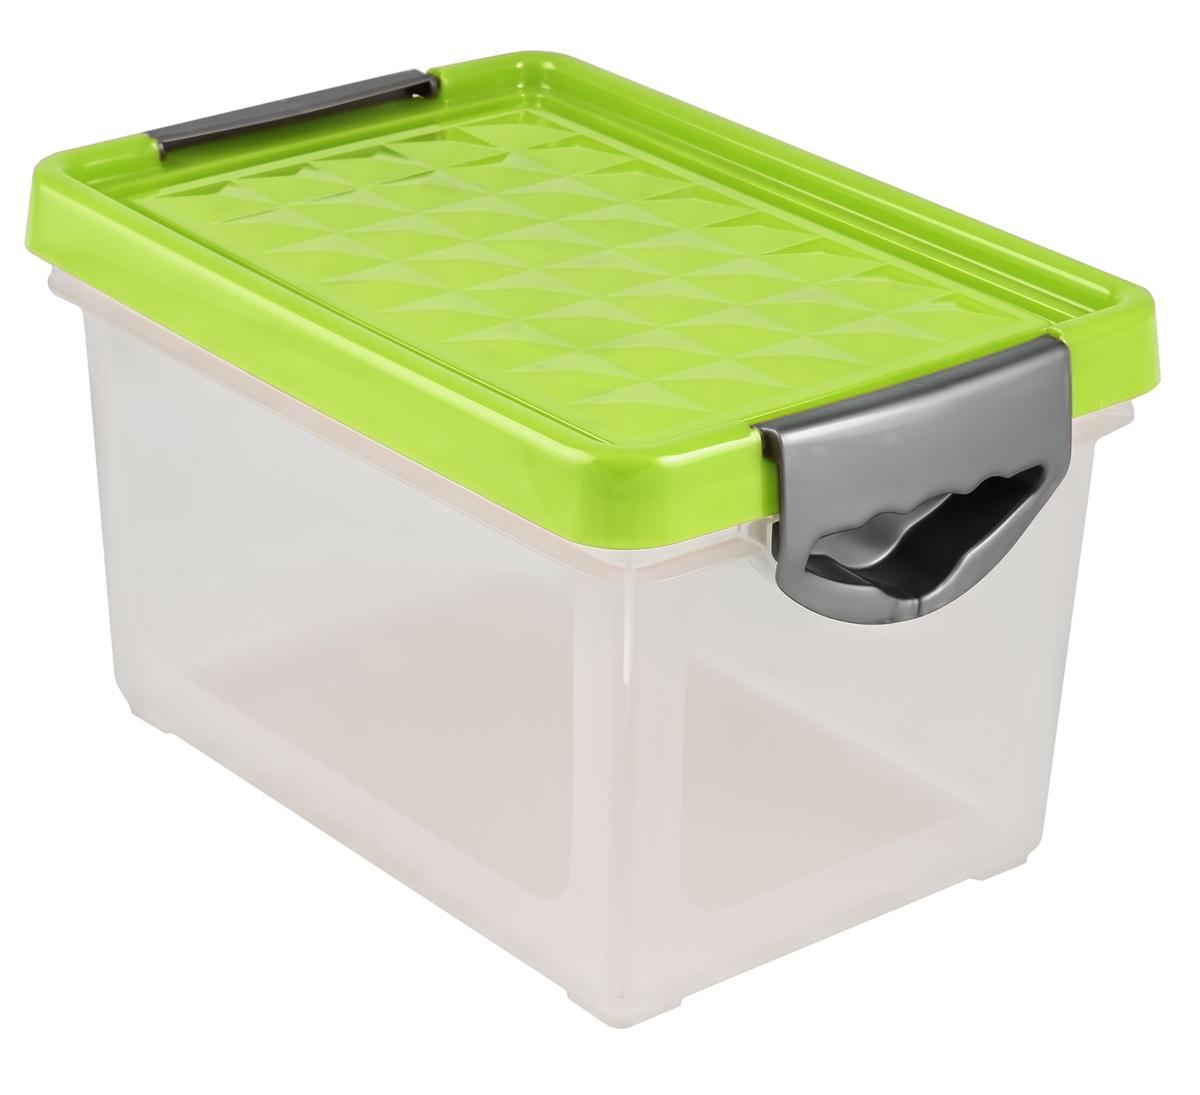 Ящик для хранения BranQ Systema, цвет: зеленый, прозрачный, 48 л где купить дешевые детские вещи